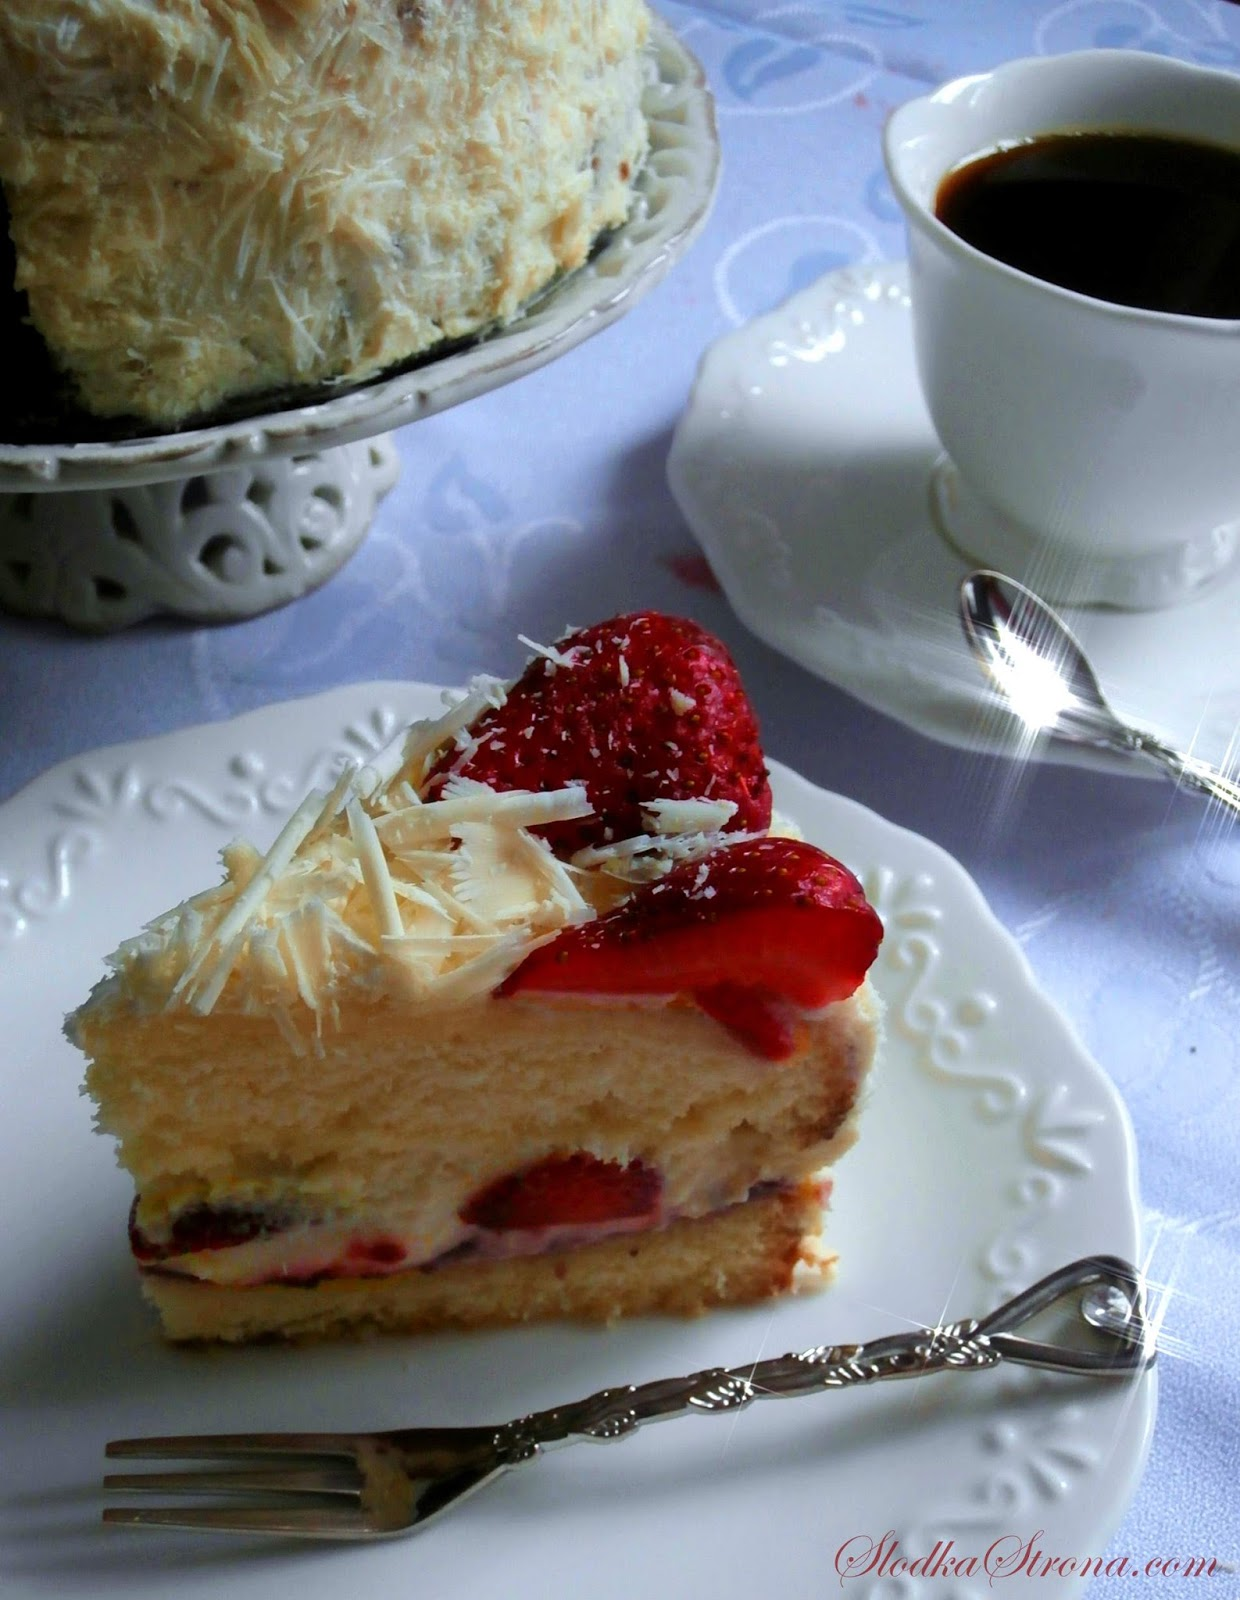 Lekki Tort z Truskawkami i Białą Czekoladą - Przepis - Słodka Strona